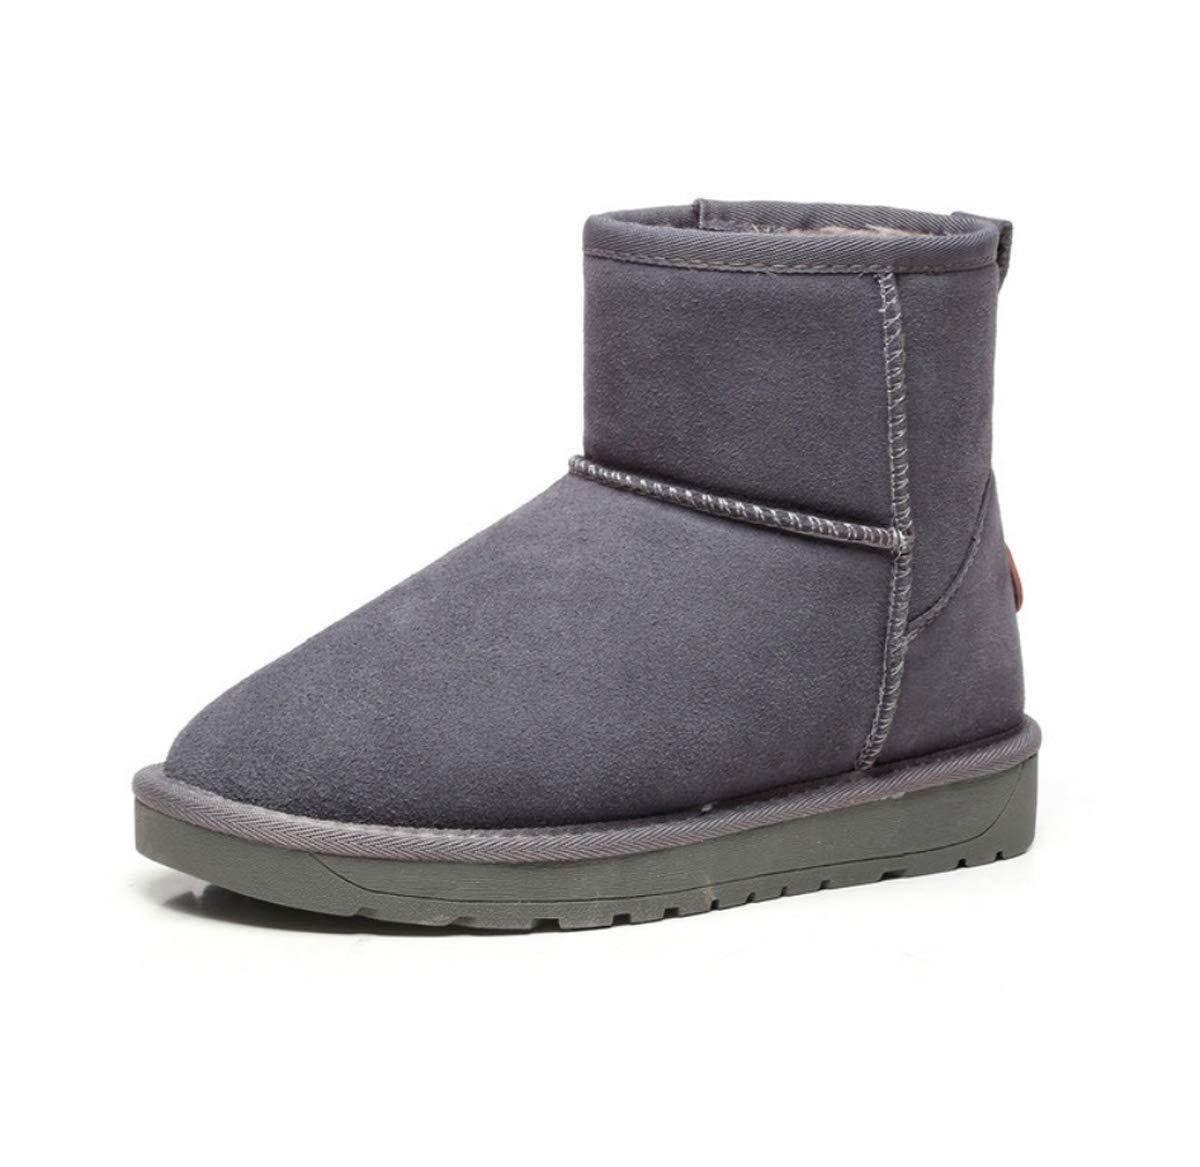 DANDANJIE Frauen Winter Snow Snow Snow Stiefel Classic Warm Mid-Calf Stiefel Hidden Heel Rutschfeste Schuhe für Lady Girls 979841